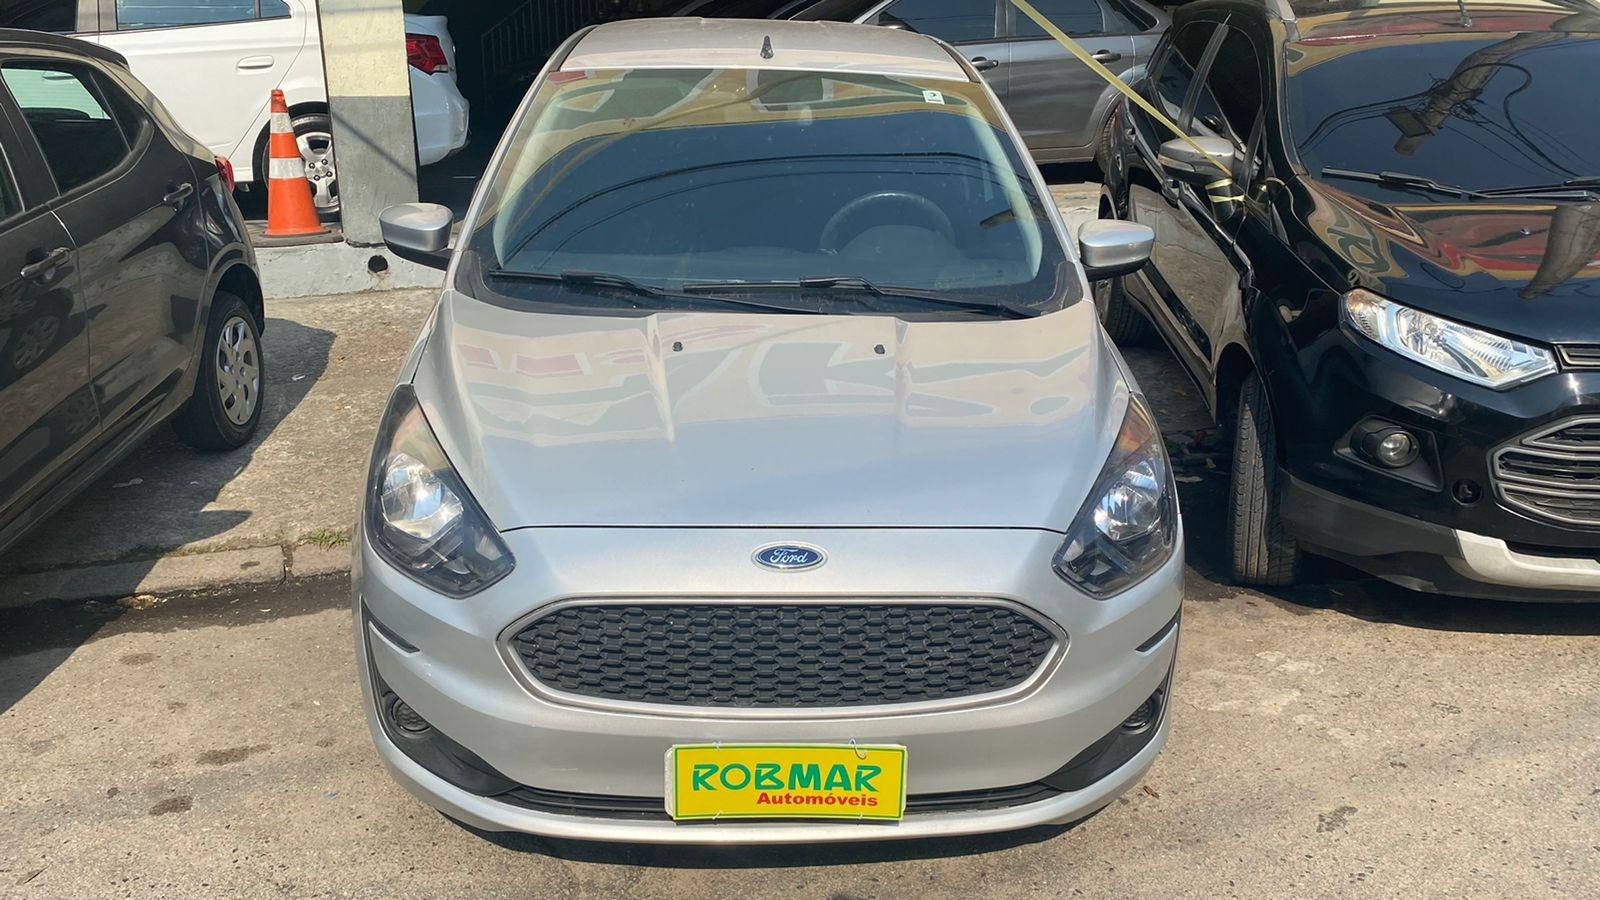 //www.autoline.com.br/carro/ford/ka-10-se-plus-12v-flex-4p-manual/2020/rio-de-janeiro-rj/15681979